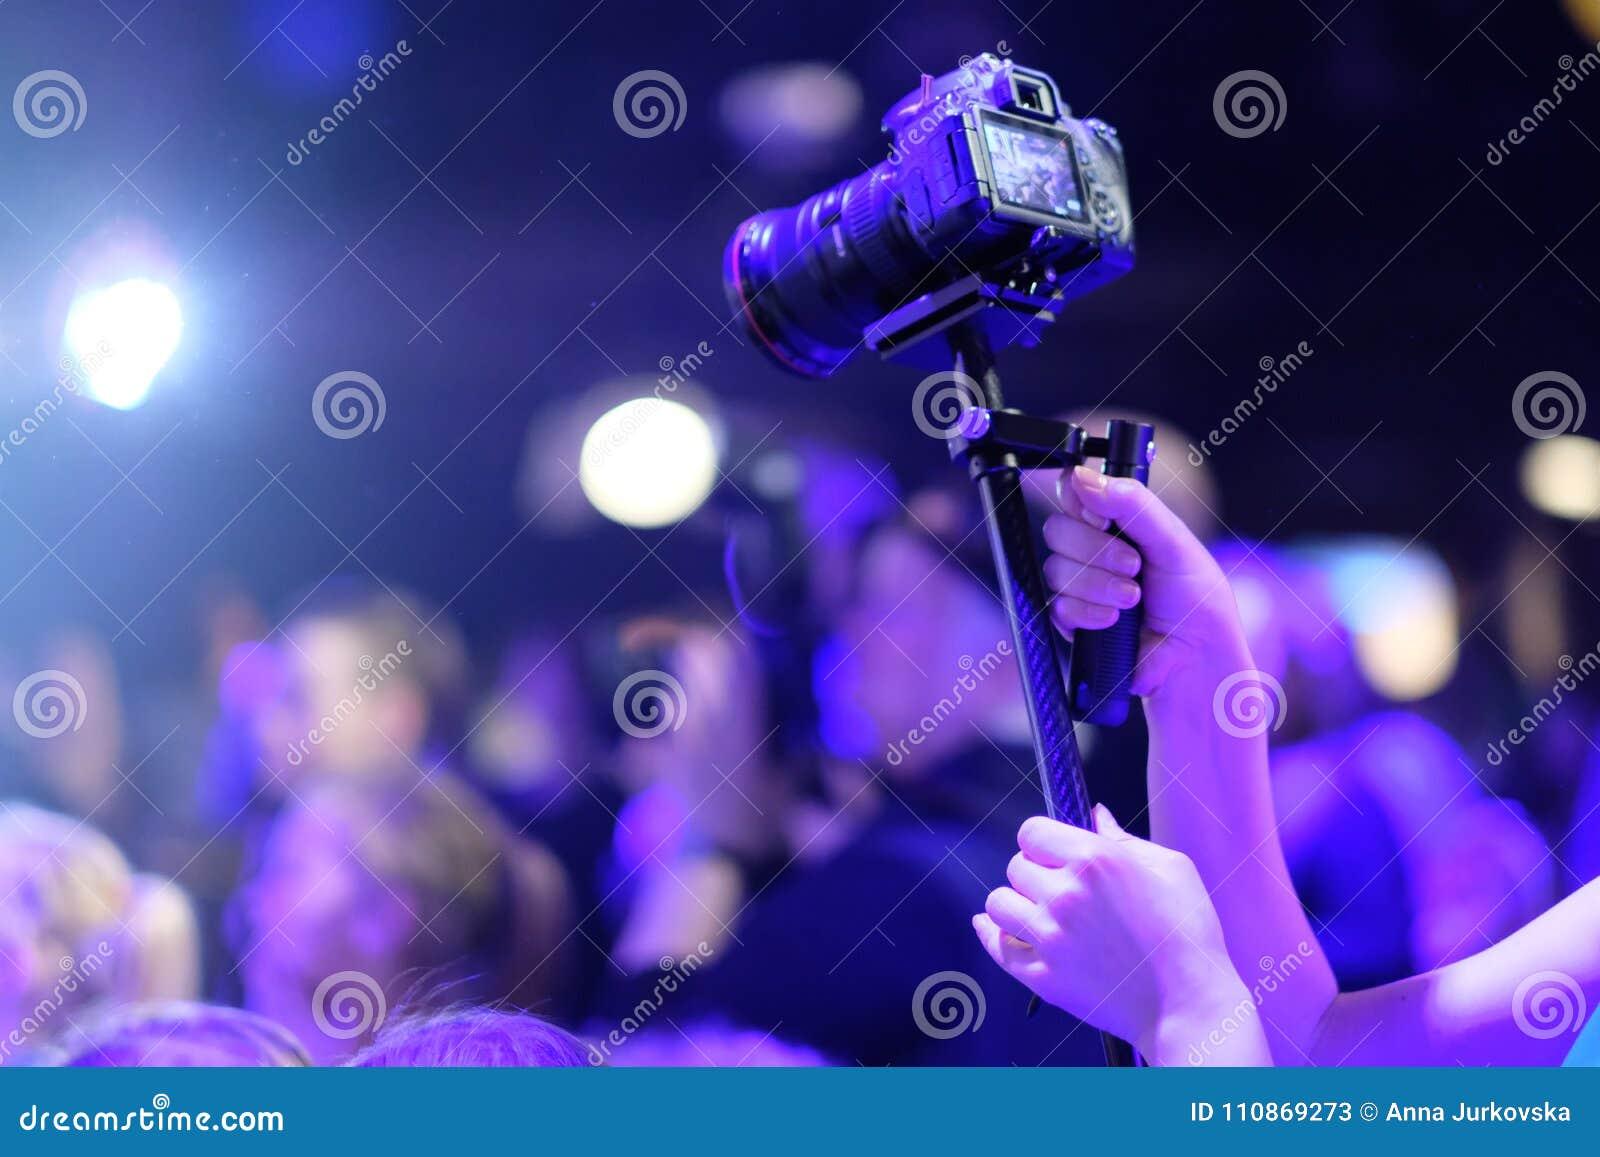 Тысяча вспышек фотоаппаратов на концерте